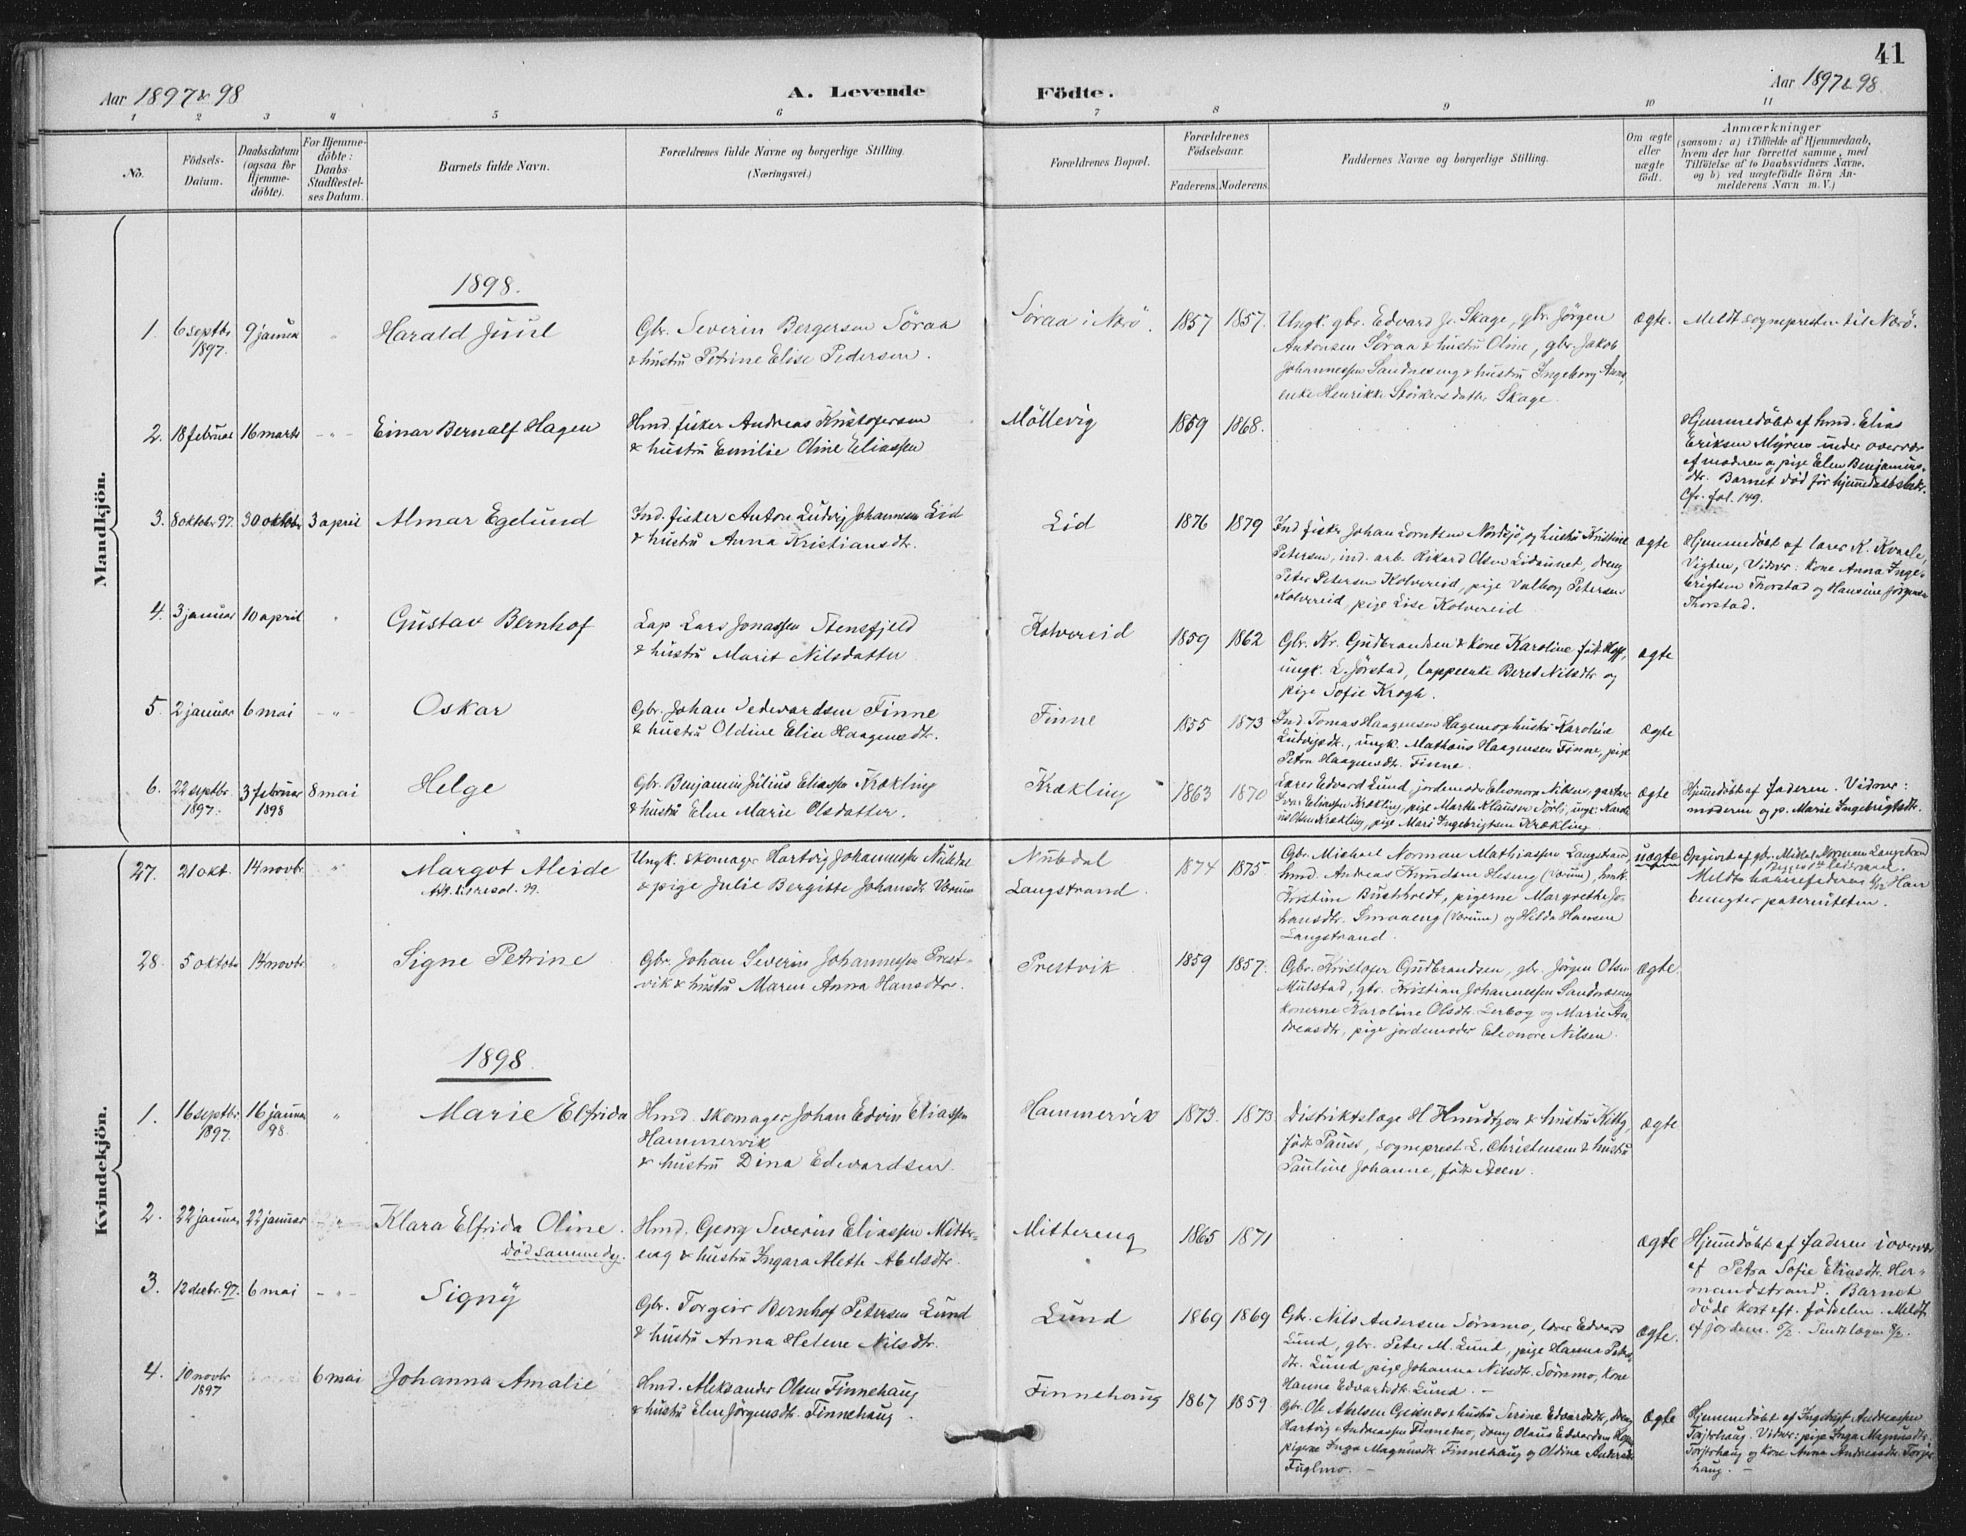 SAT, Ministerialprotokoller, klokkerbøker og fødselsregistre - Nord-Trøndelag, 780/L0644: Ministerialbok nr. 780A08, 1886-1903, s. 41